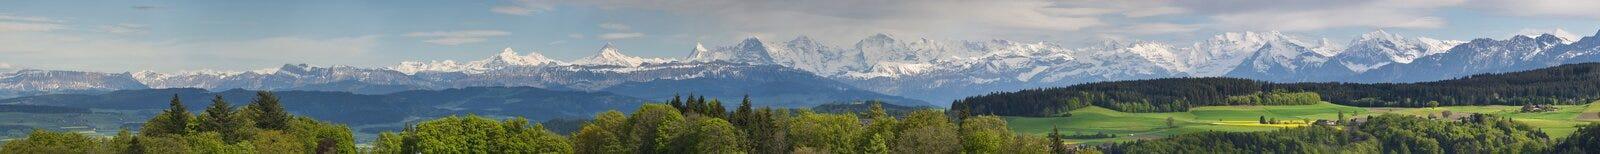 Vue panoramique des alpes suisses Image libre de droits